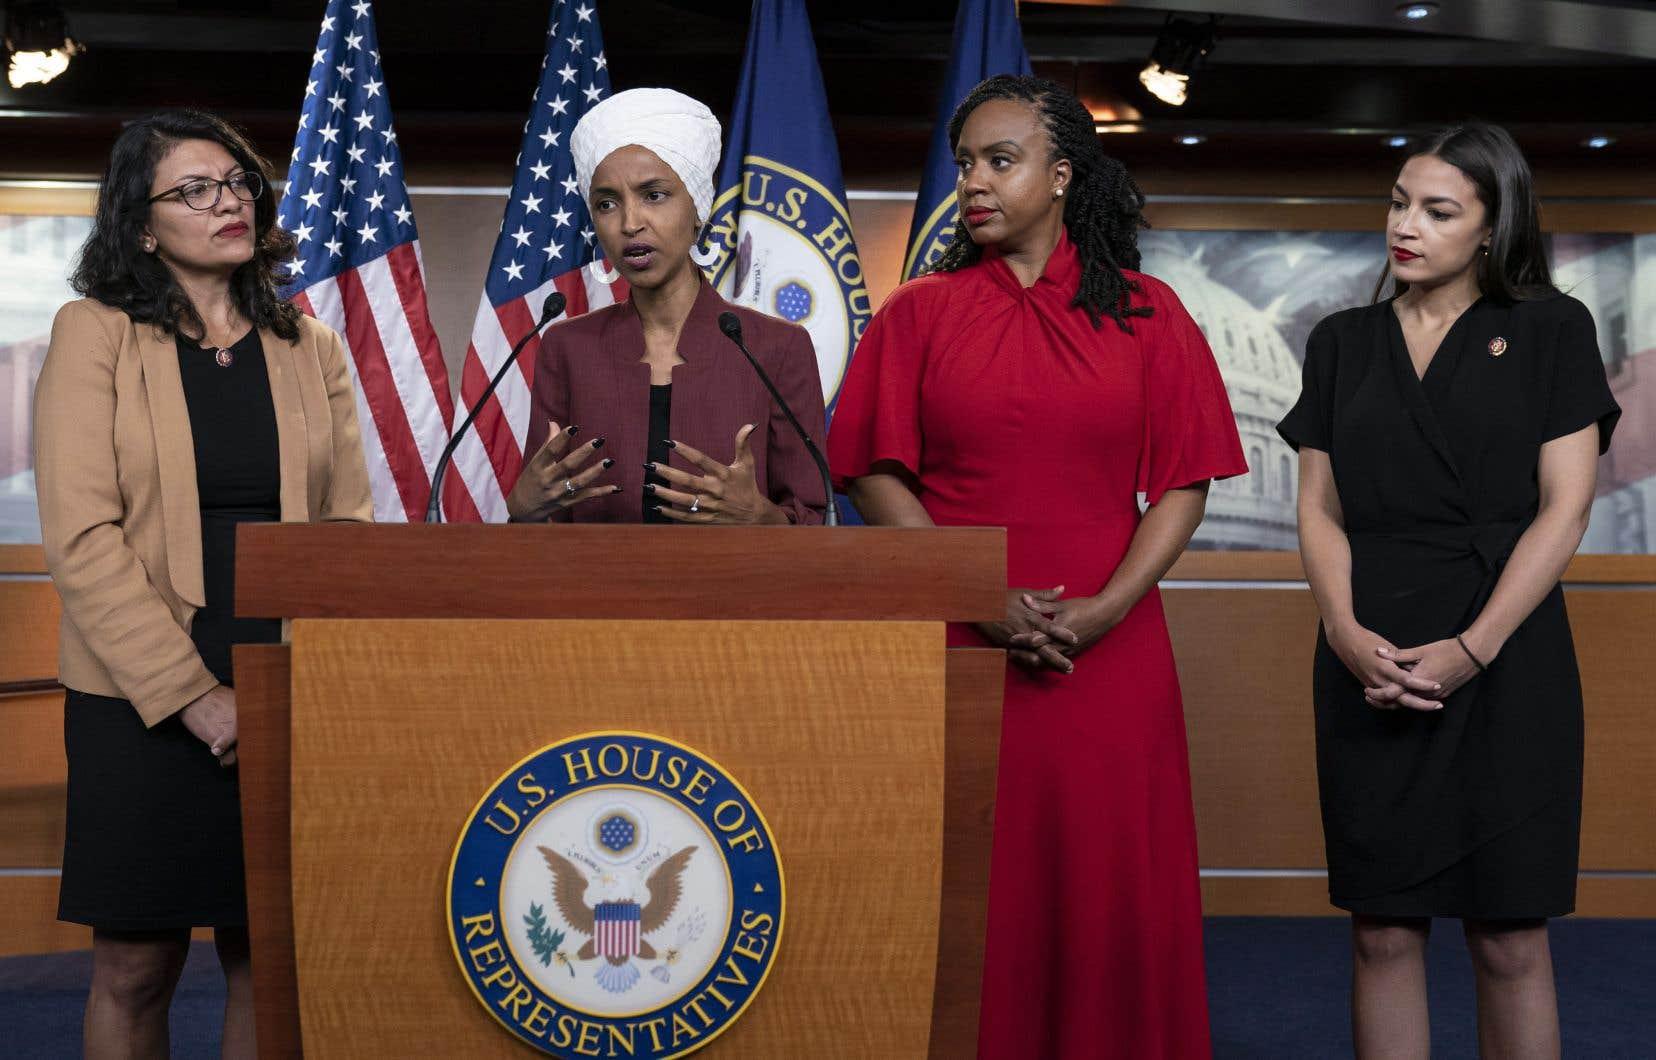 Mardi, la chambre basse du Congrès, à majorité démocrate, a adopté une motion condamnant «fermement les commentaires racistes» du président.